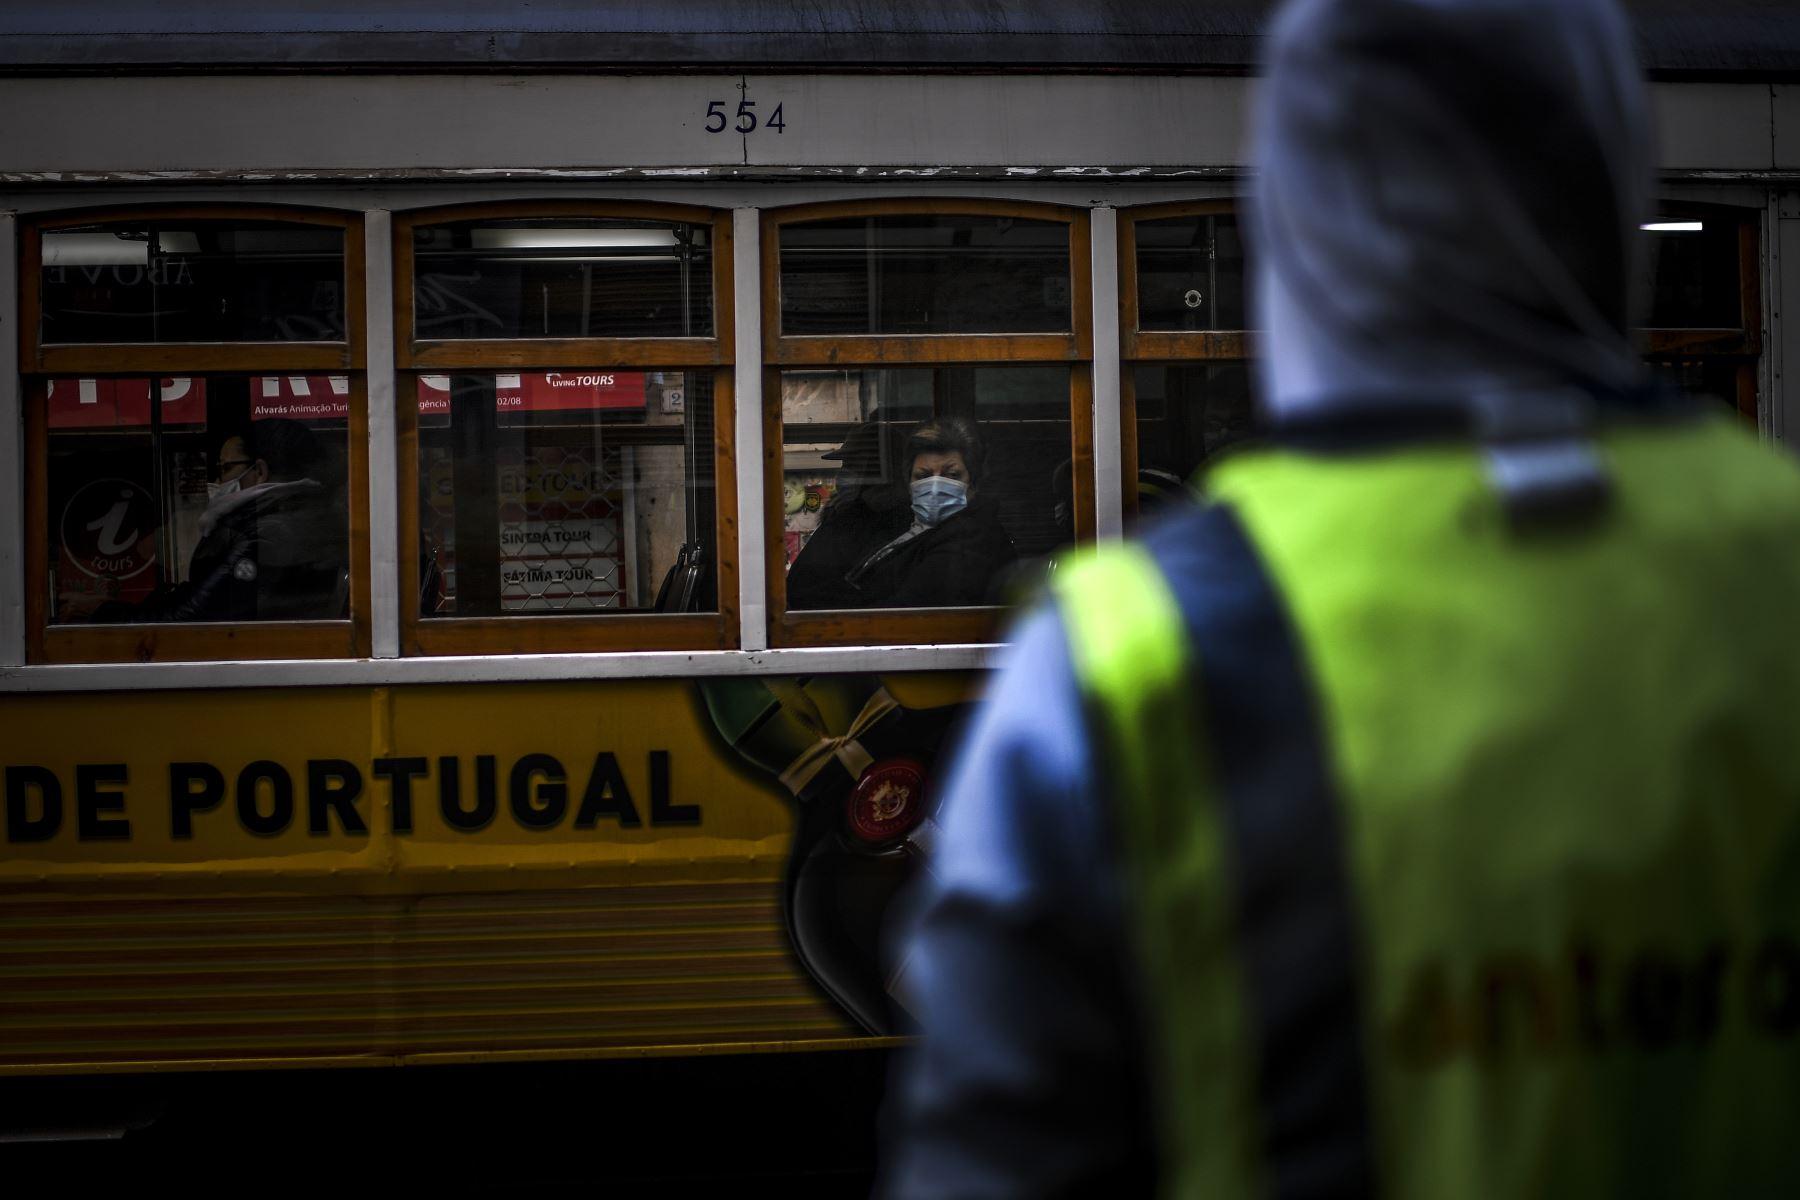 Una mujer con una máscara facial viaja en un tranvía en Lisboa, Portugal entró en un nuevo bloqueo por un aumento en los casos de coronavirus. El nuevo coronavirus ha matado al menos a 1.994.833 personas. Foto: AFP